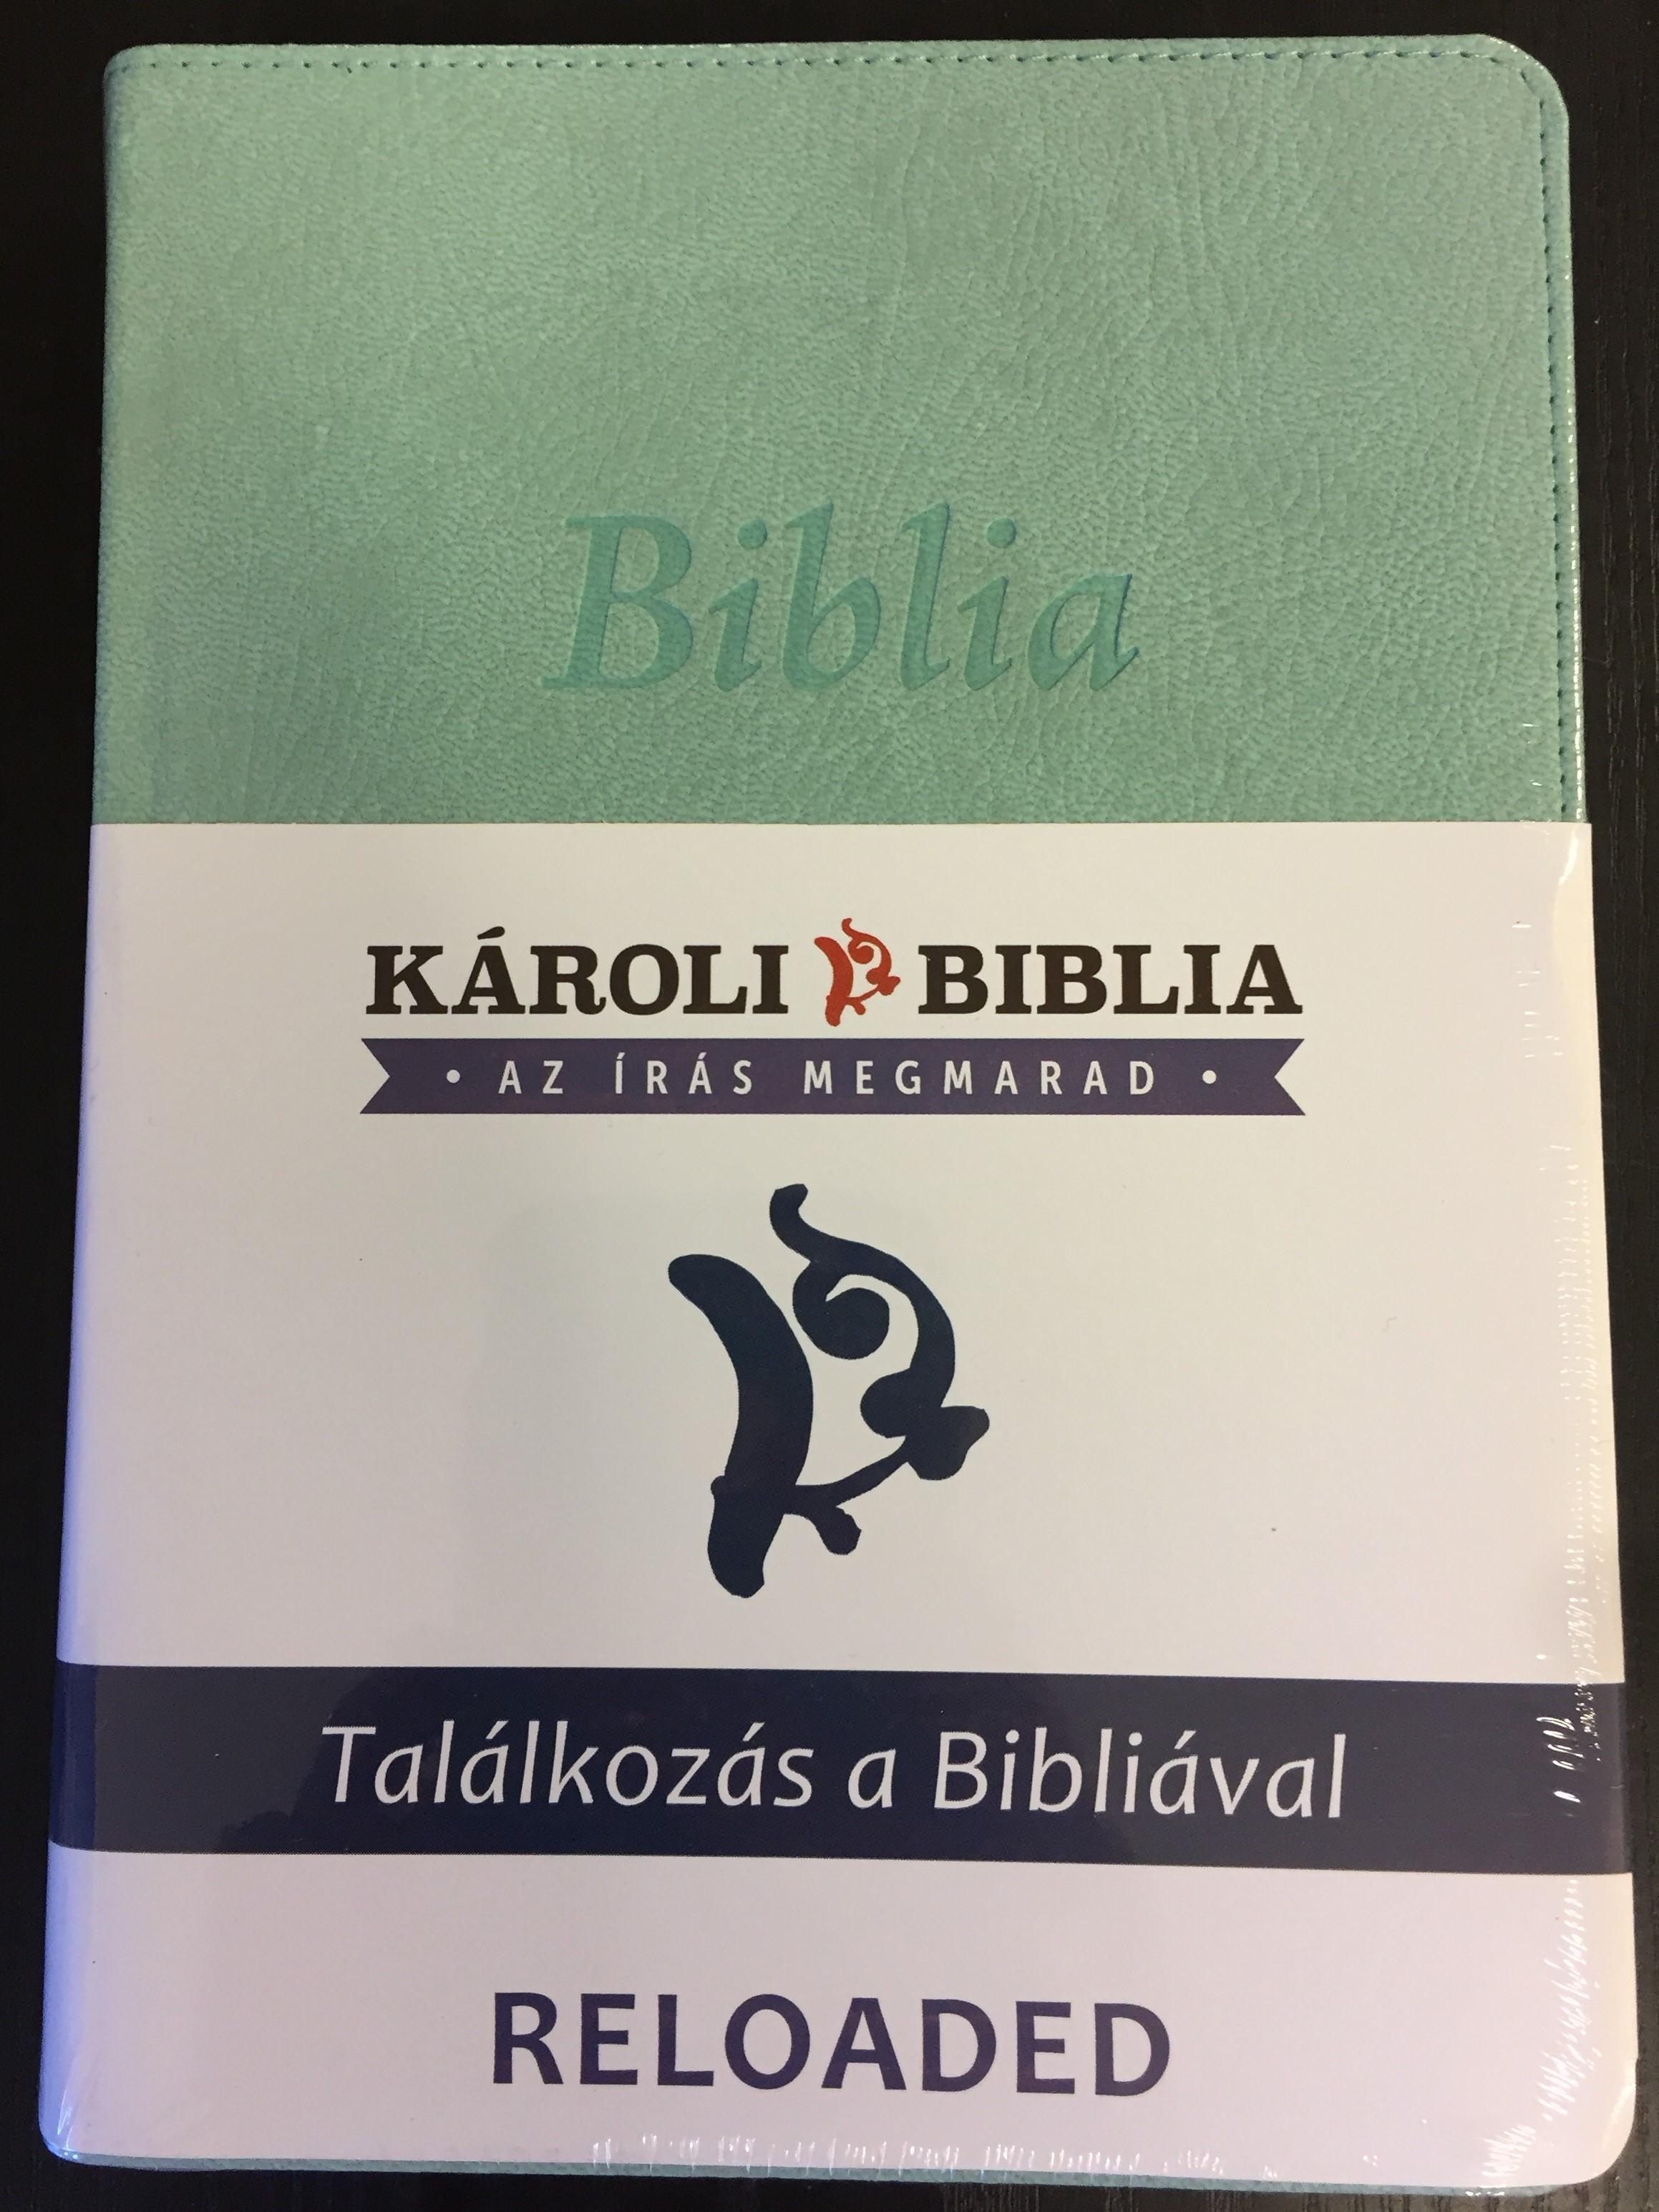 -hungarian-k-roli-bible-reloaded-pu-imitation-leather-cover-olive-magyar-biblia-revide-lt-k-roli-k-z-pm-ret-oliva-m-b-r-words-of-god-and-words-of-jesus-in-red-1-.jpg